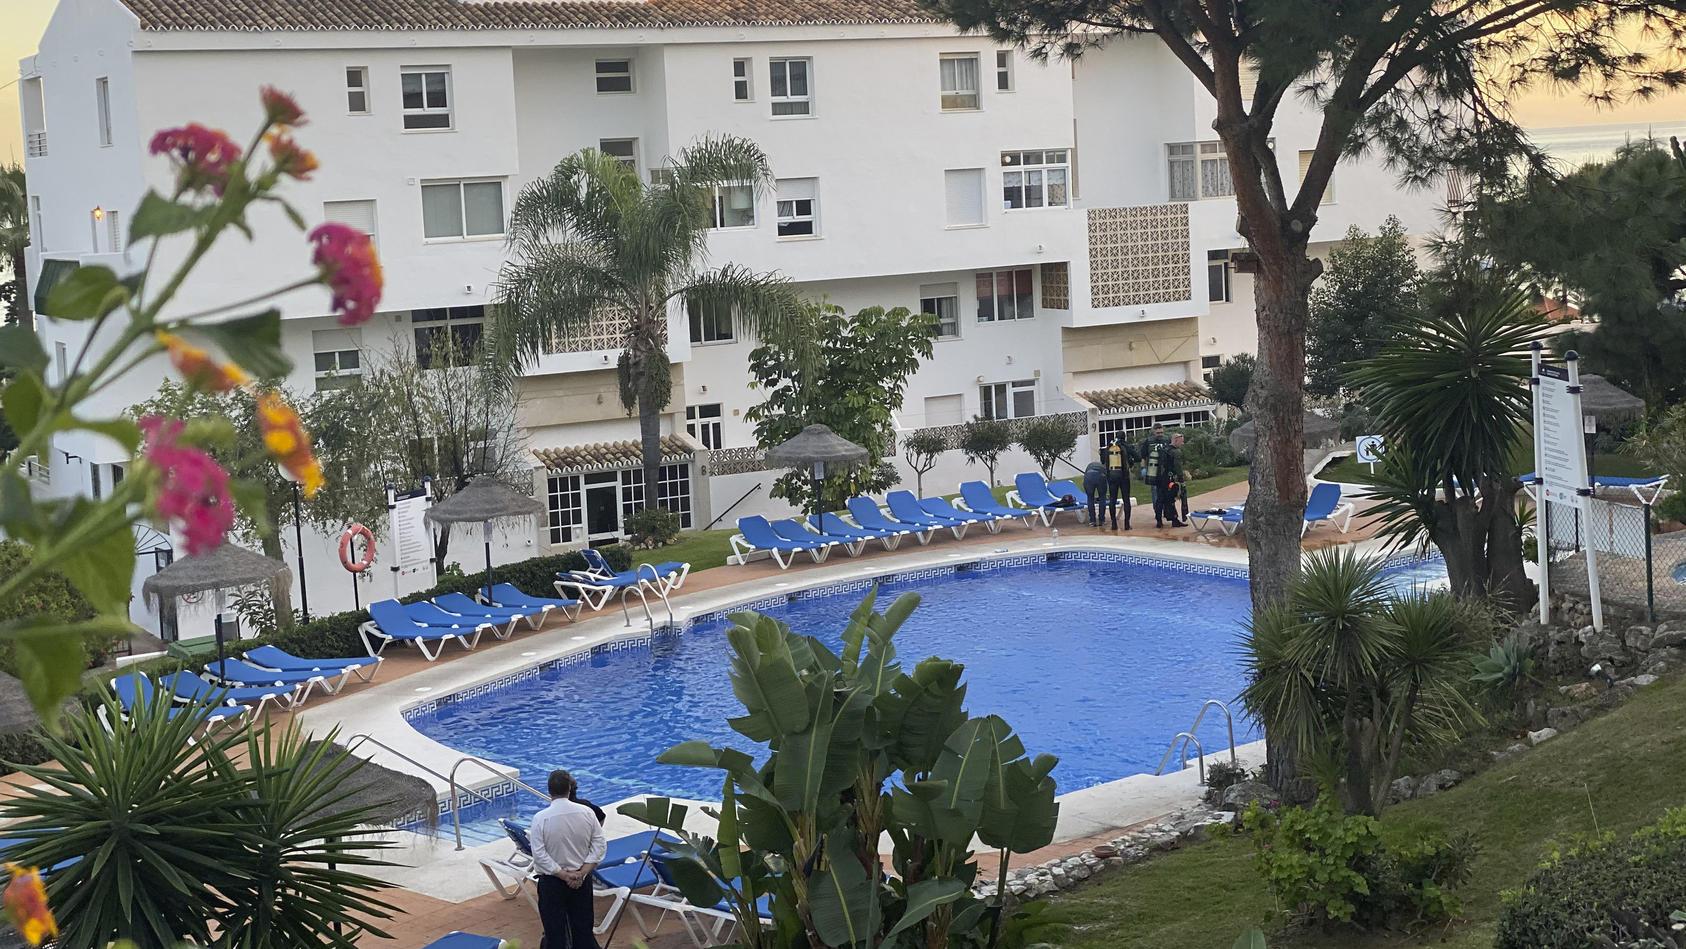 Hotelpool-Unglück an Weihnachten